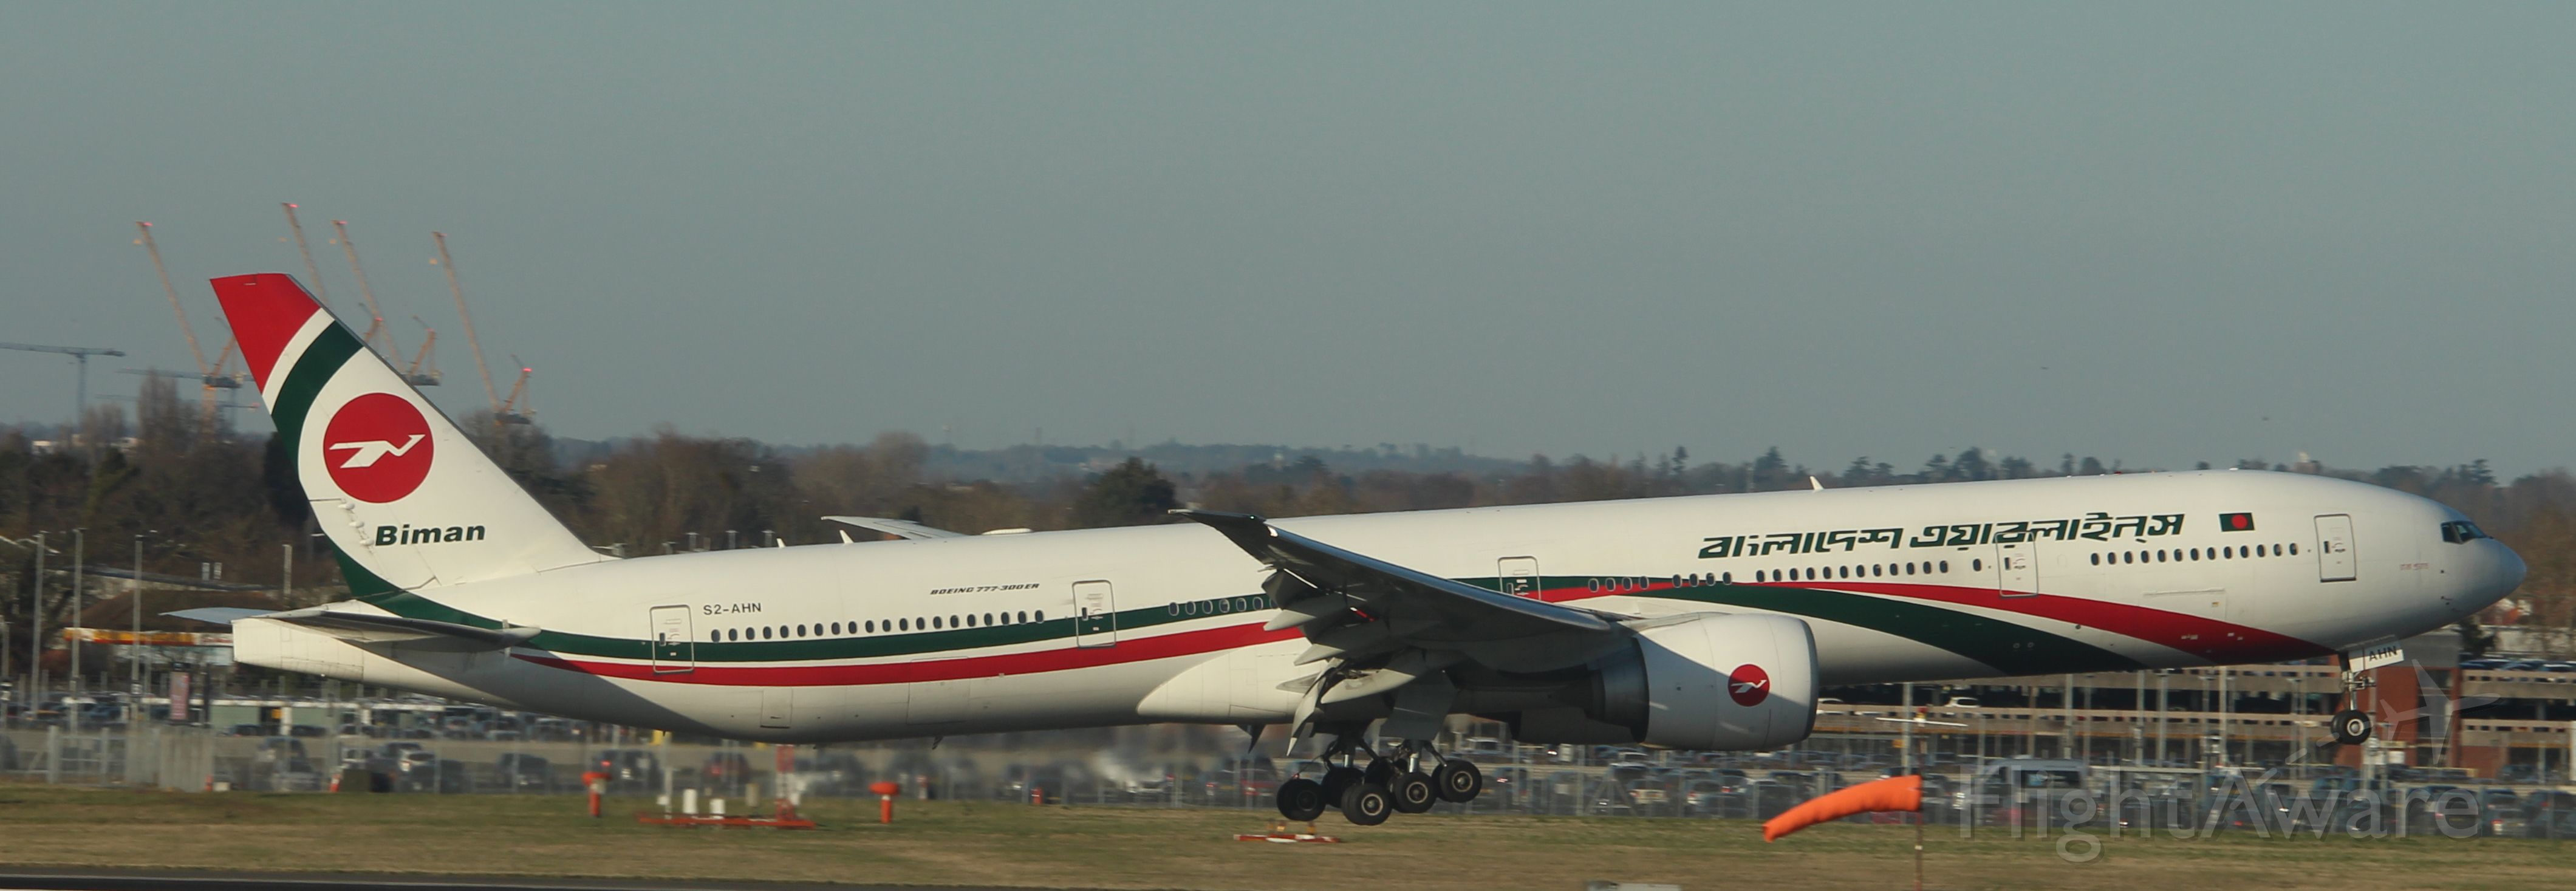 Boeing 777-200 (S2-AHN)